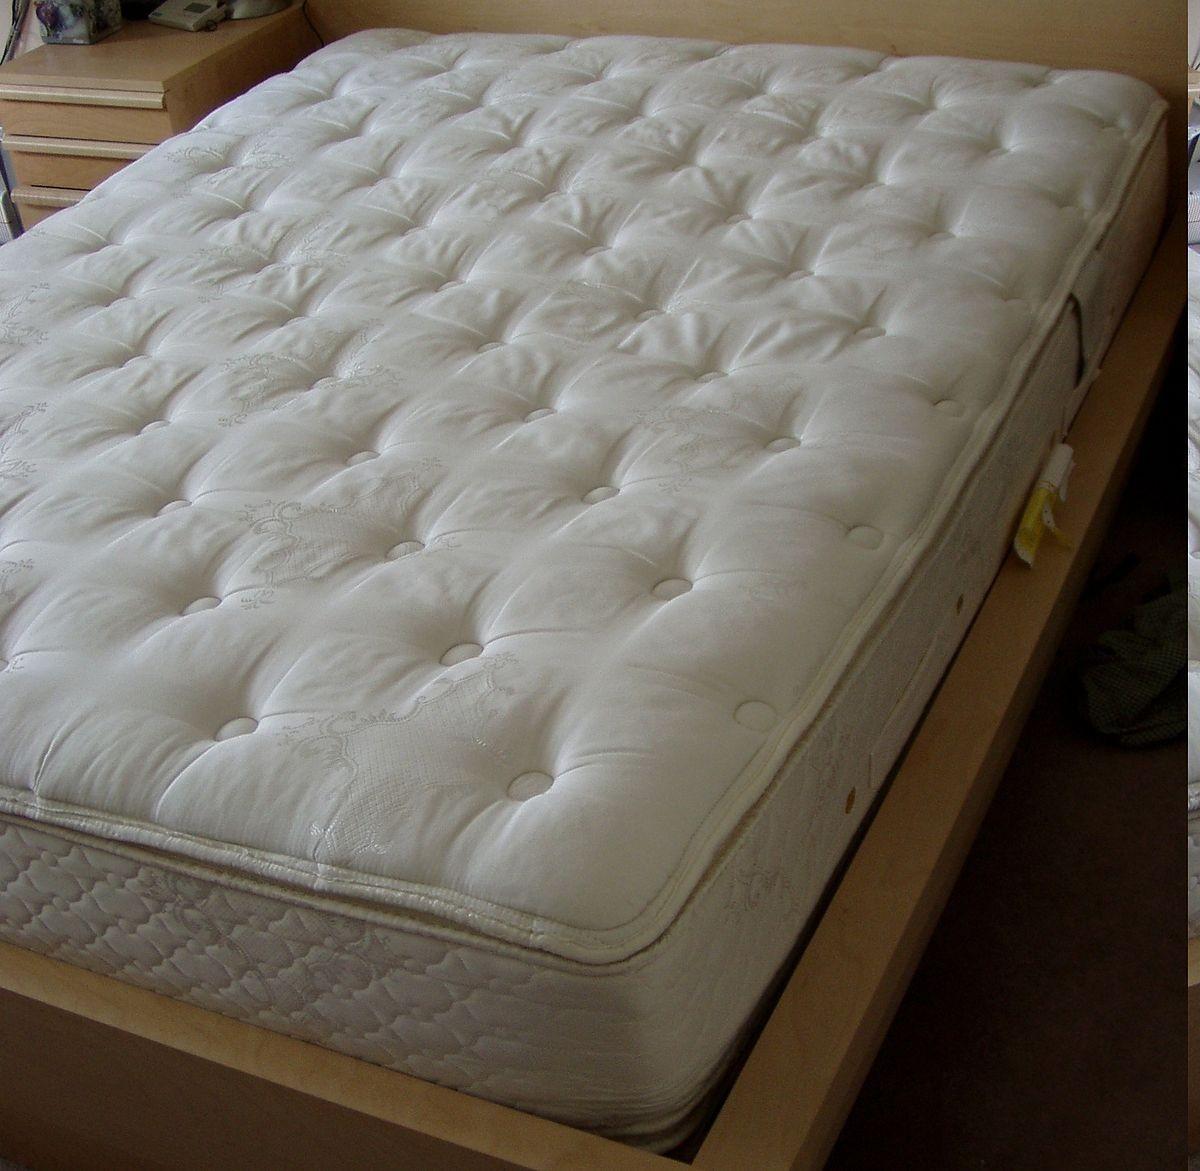 Igienizzazione di materassi singoli o matrimoniali grazie all'impresa di pulizie Igienic! Servizio eseguito da Genova Nervi a Genova Cornigliano!!